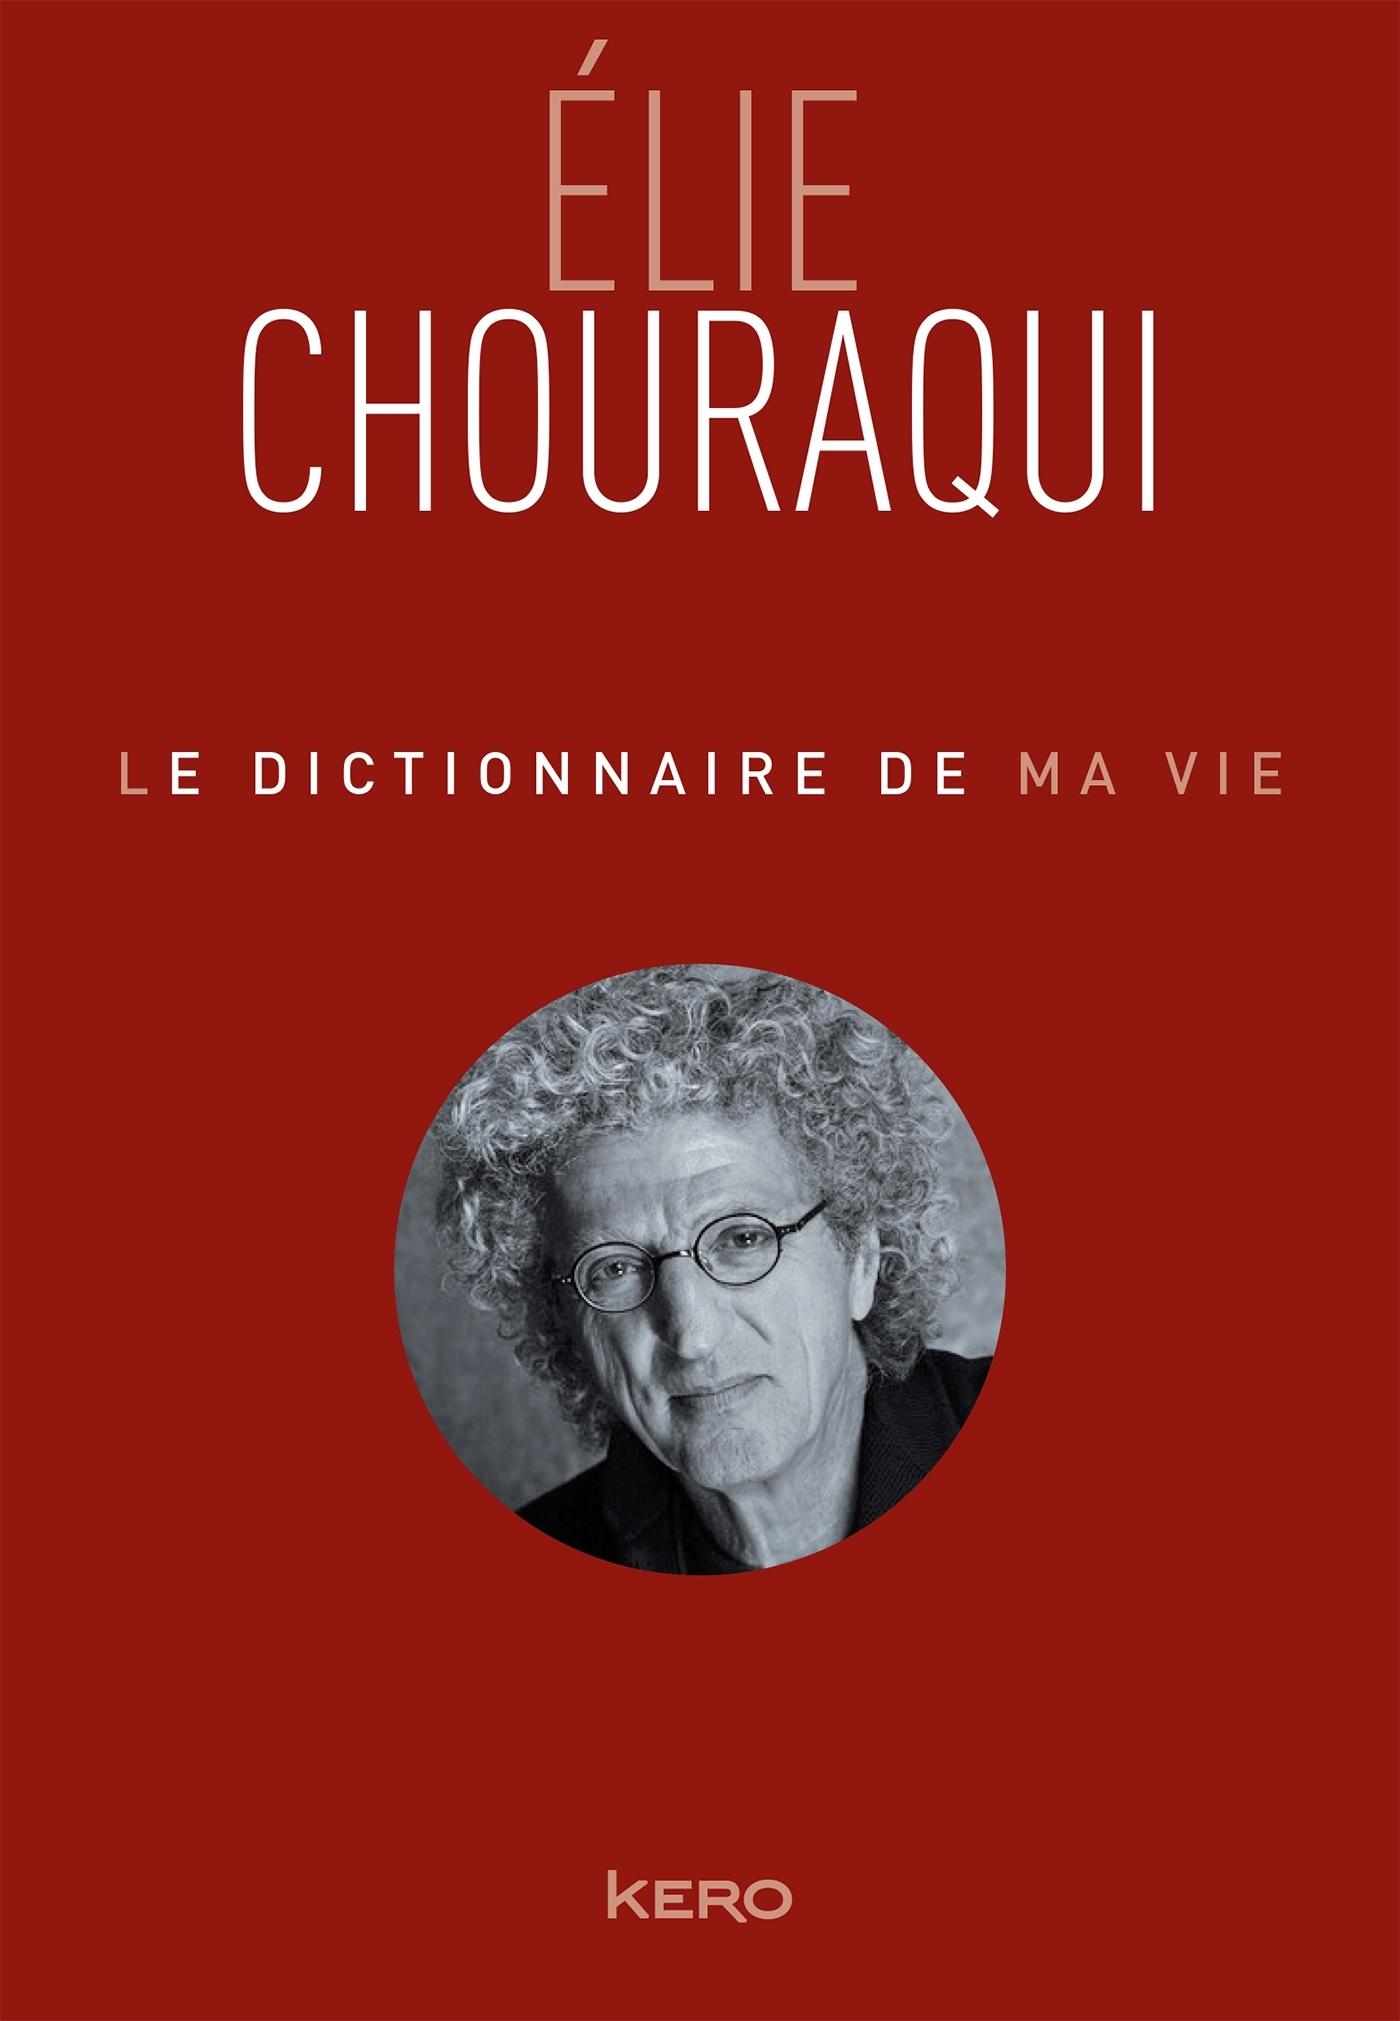 LE DICTIONNAIRE DE MA VIE - ELIE CHOURAQUI